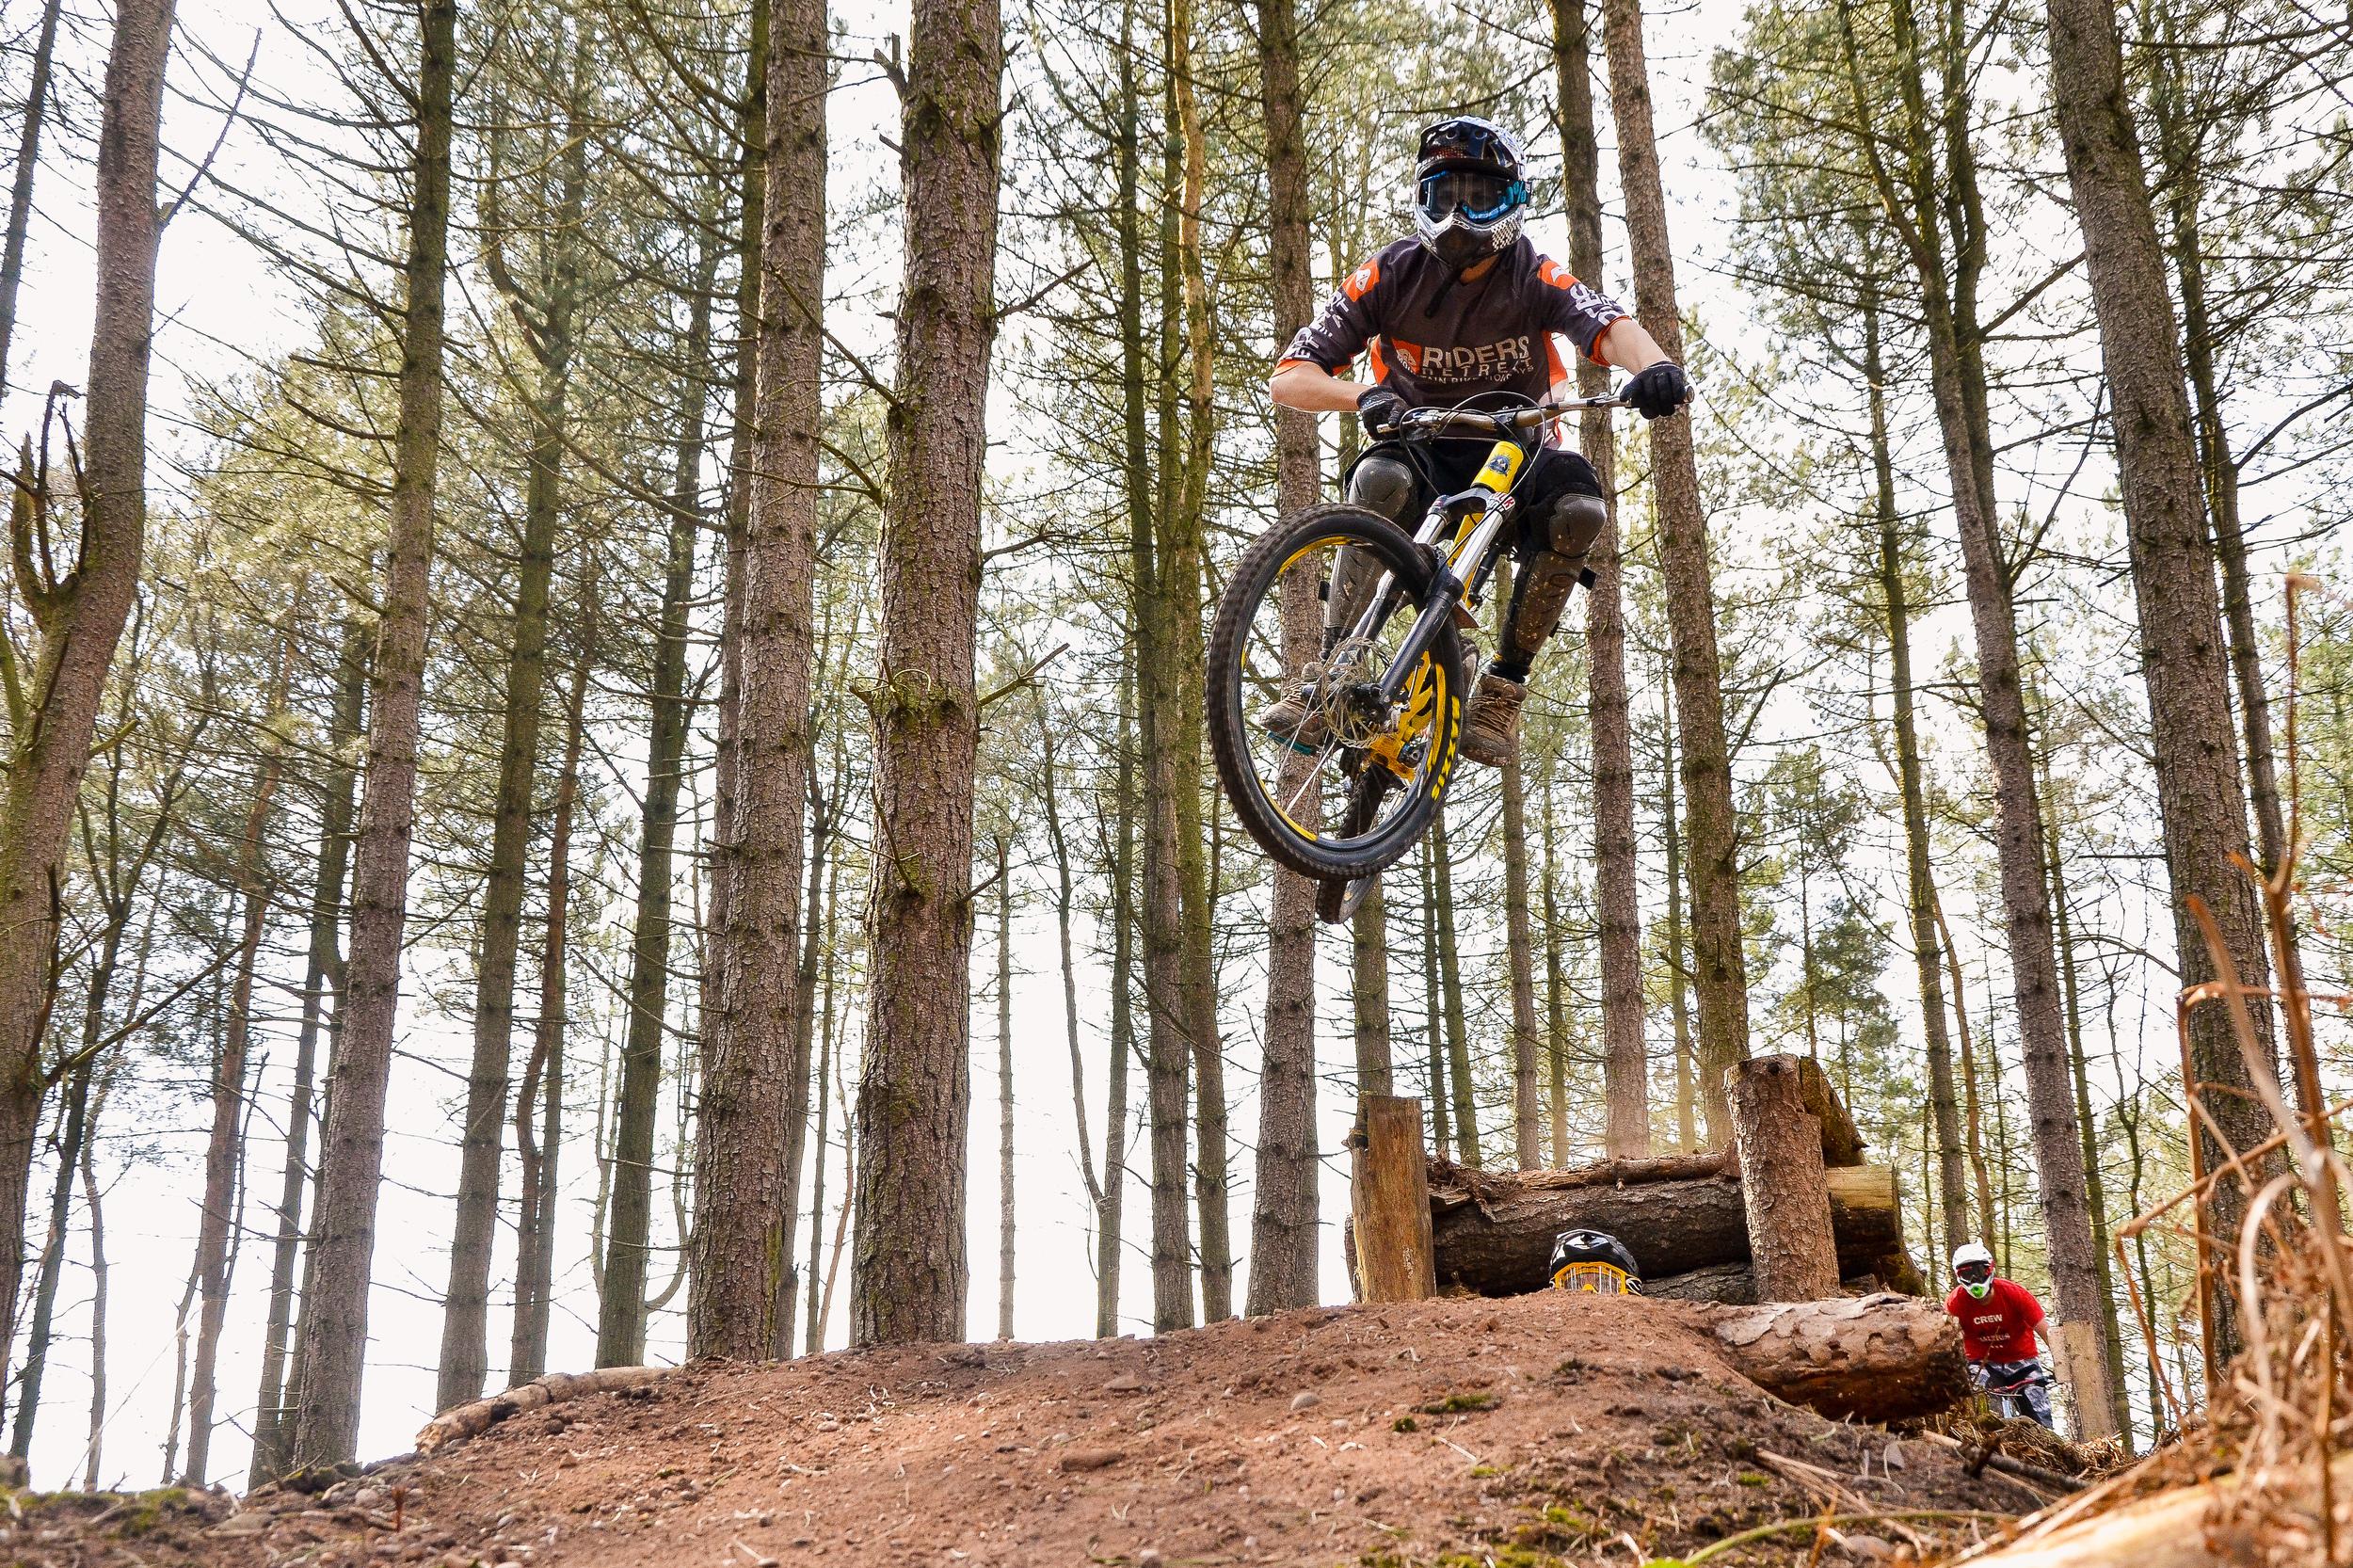 109/365 Dirt Jump